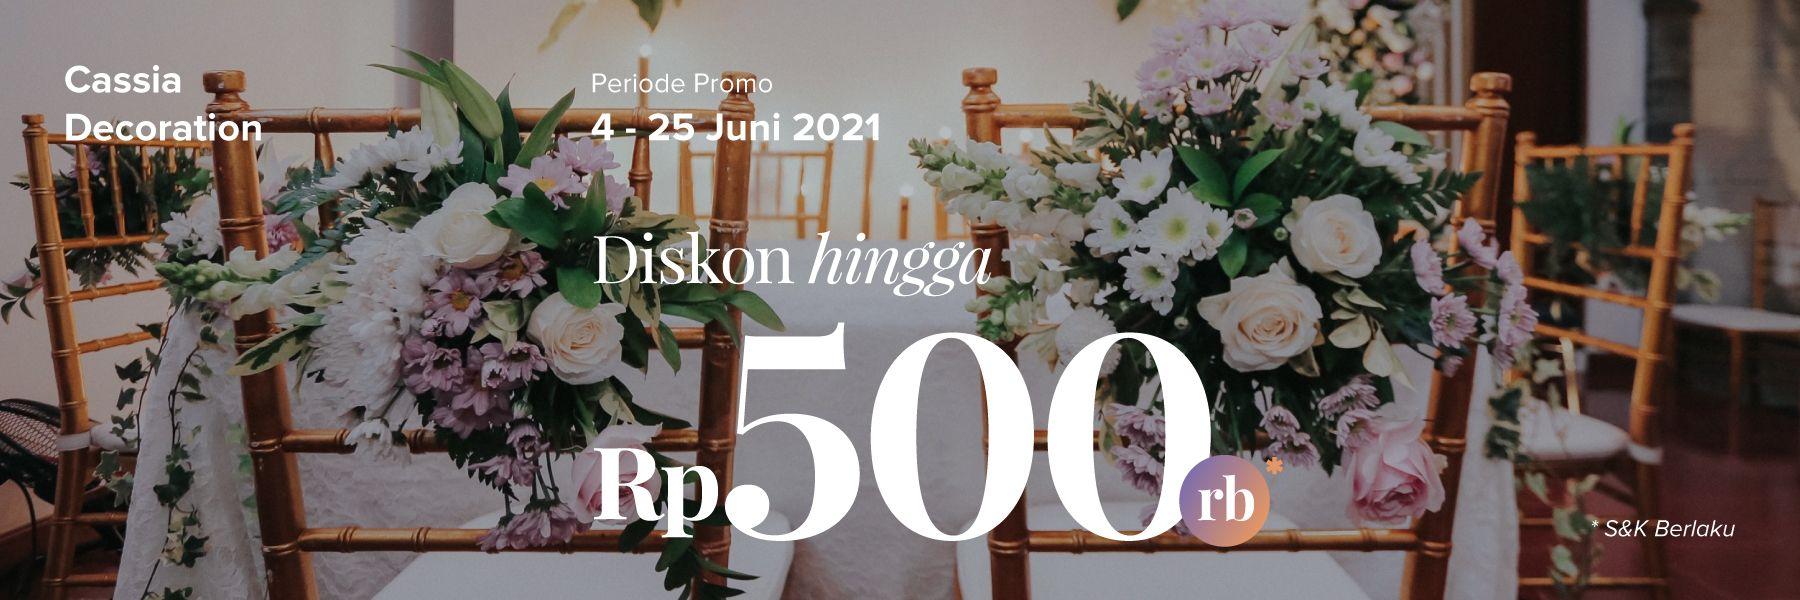 Diskon Dekorasi hingga Rp 500.000 di Cassia Decoration